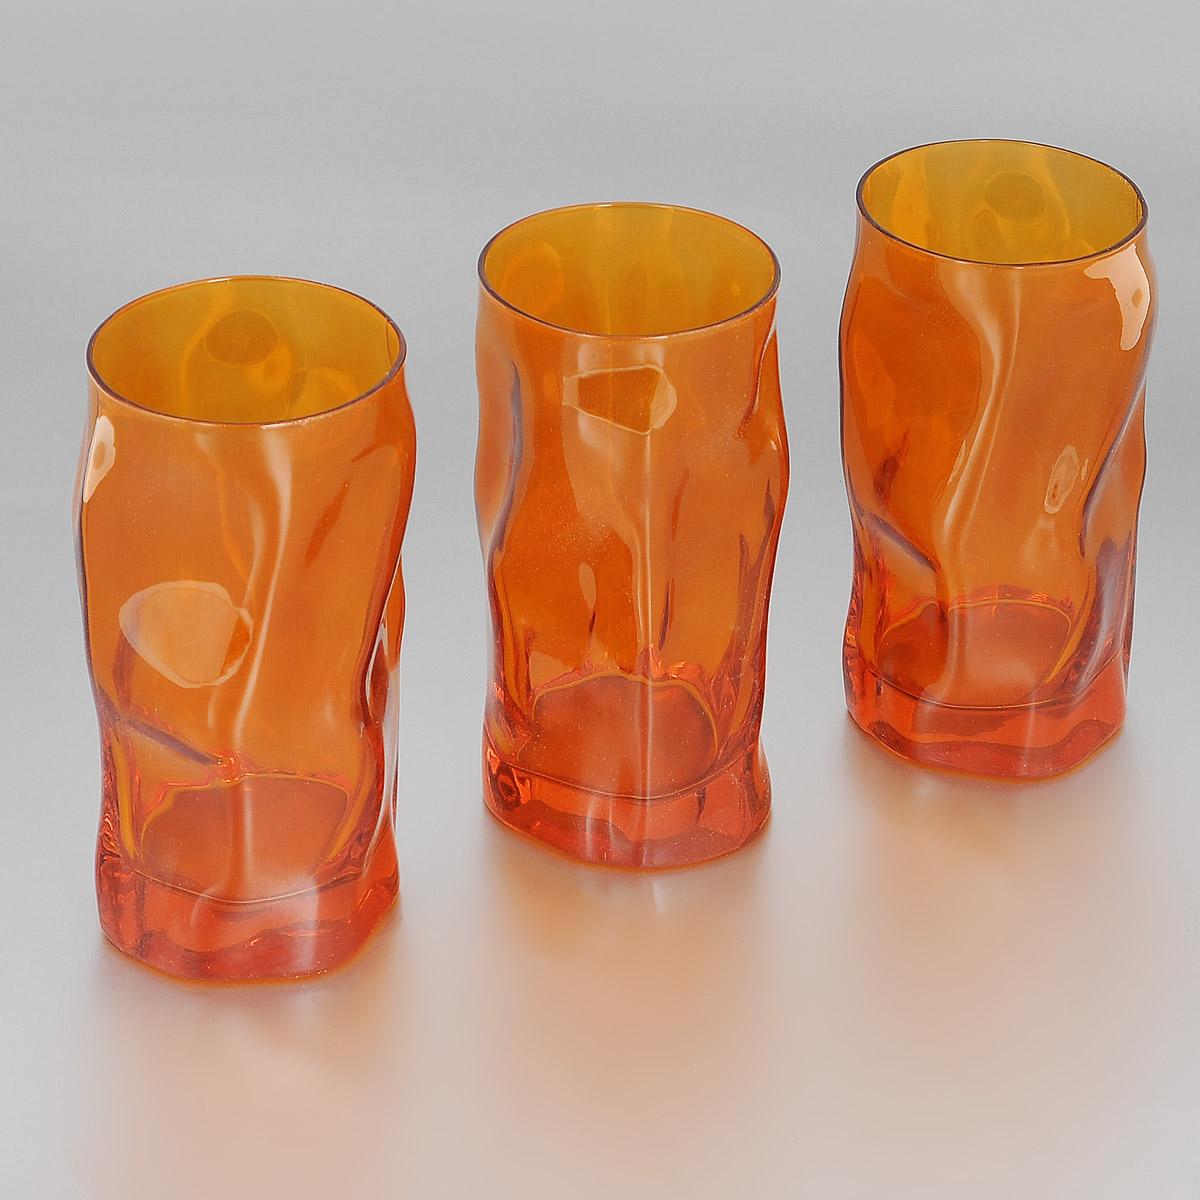 Набор стаканов Bormioli Rocco Sorgente Multicolor, цвет: оранжевый, 460 мл, 3 шт340360Q01021590Набор Bormioli Rocco Sorgente Multicolor, выполненный из стекла, состоит из 3 высоких стаканов. Стаканы предназначены для подачи холодных напитков. Изделия имеют оригинальный дизайн и толстое дно. Благодаря такому набору пить напитки будет еще вкуснее. Стаканы Bormioli Rocco Sorgente Multicolor станут идеальным украшением праздничного стола и отличным подарком к любому празднику. С 1825 года компания Bormioli Rocco производит высококачественную посуду из стекла. На сегодняшний день это мировой лидер на рынке производства стеклянных изделий. Ассортимент, предлагаемый Bormioli Rocco необычайно широк - это бокалы, фужеры, рюмки, графины, кувшины, банки для сыпучих продуктов и консервирования, тарелки, салатники, чашки, контейнеры различных емкостей, предназначенные для хранения продуктов в холодильниках и морозильных камерах и т.д. Стекло сочетает в себе передовые технологии и традиционно высокое качество.